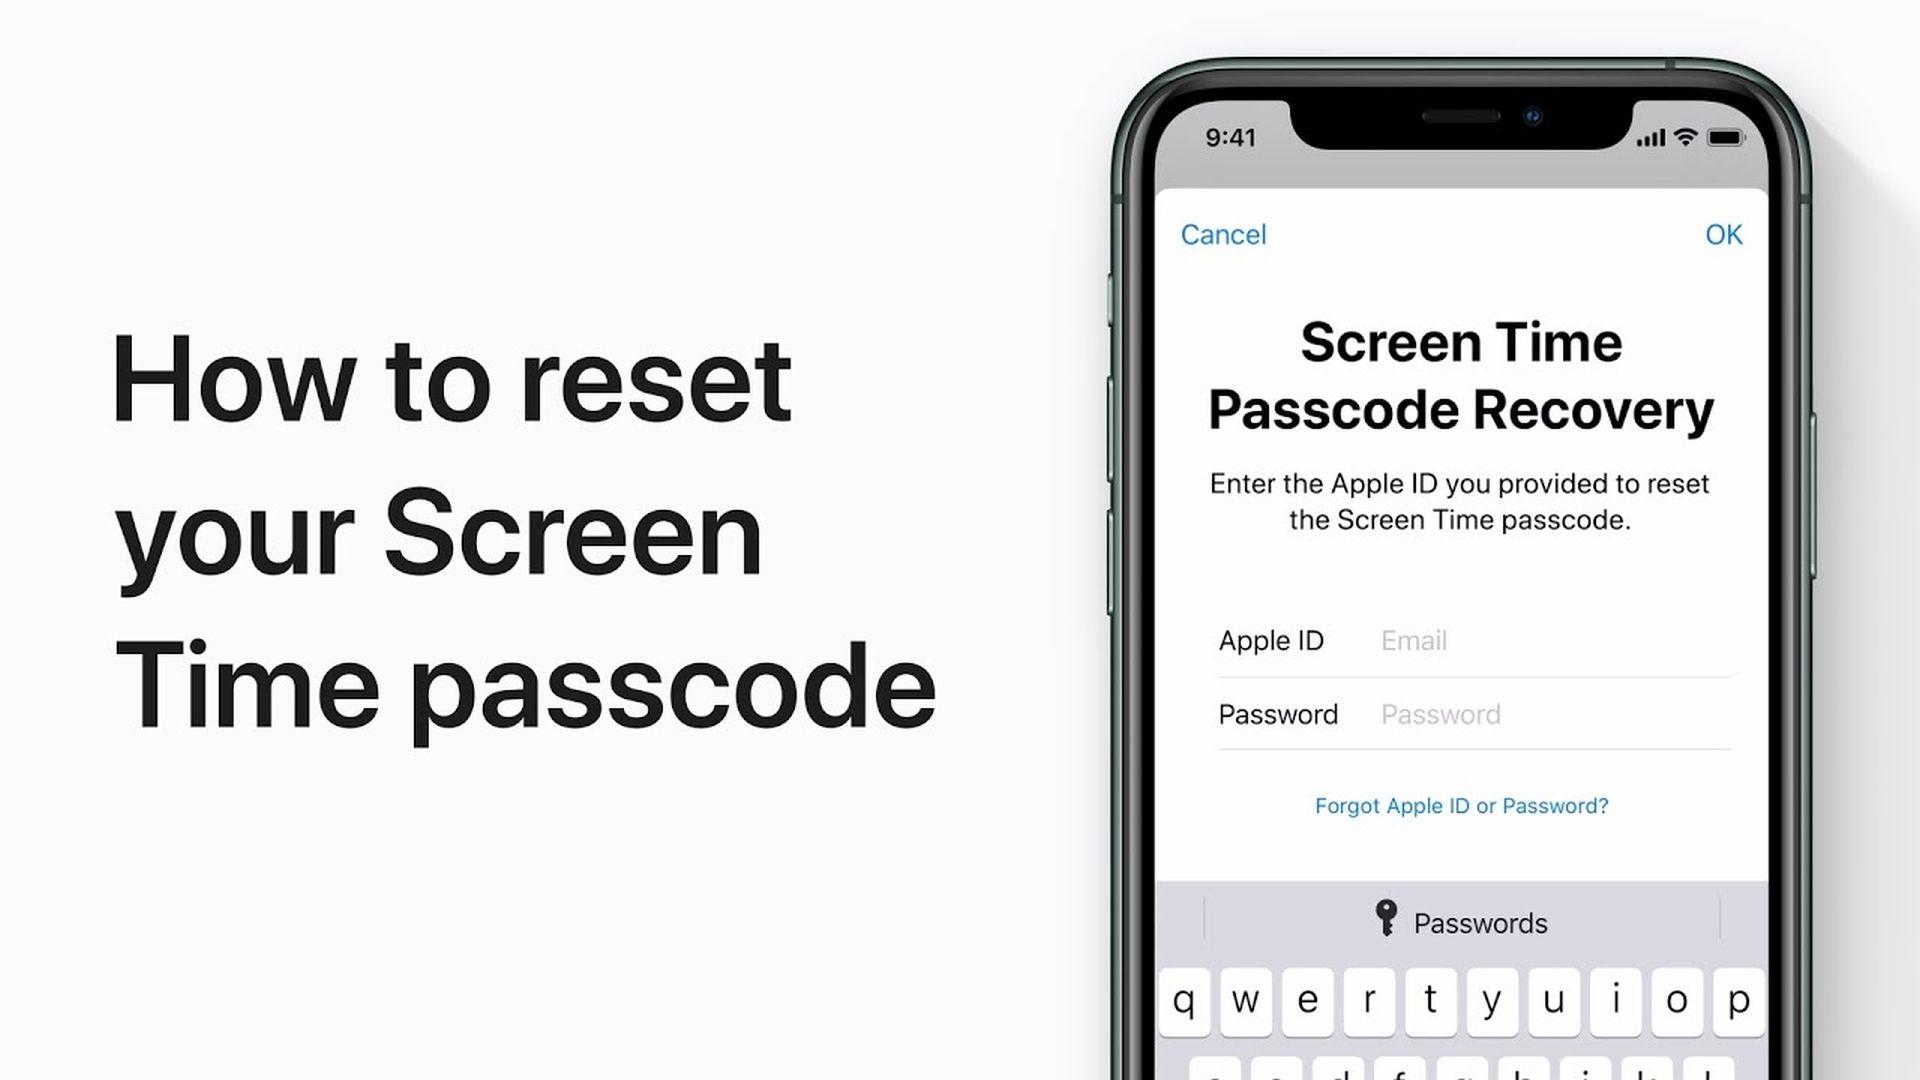 Poradnik Apple: Jak zresetować hasło funkcji Czas przed ekranem